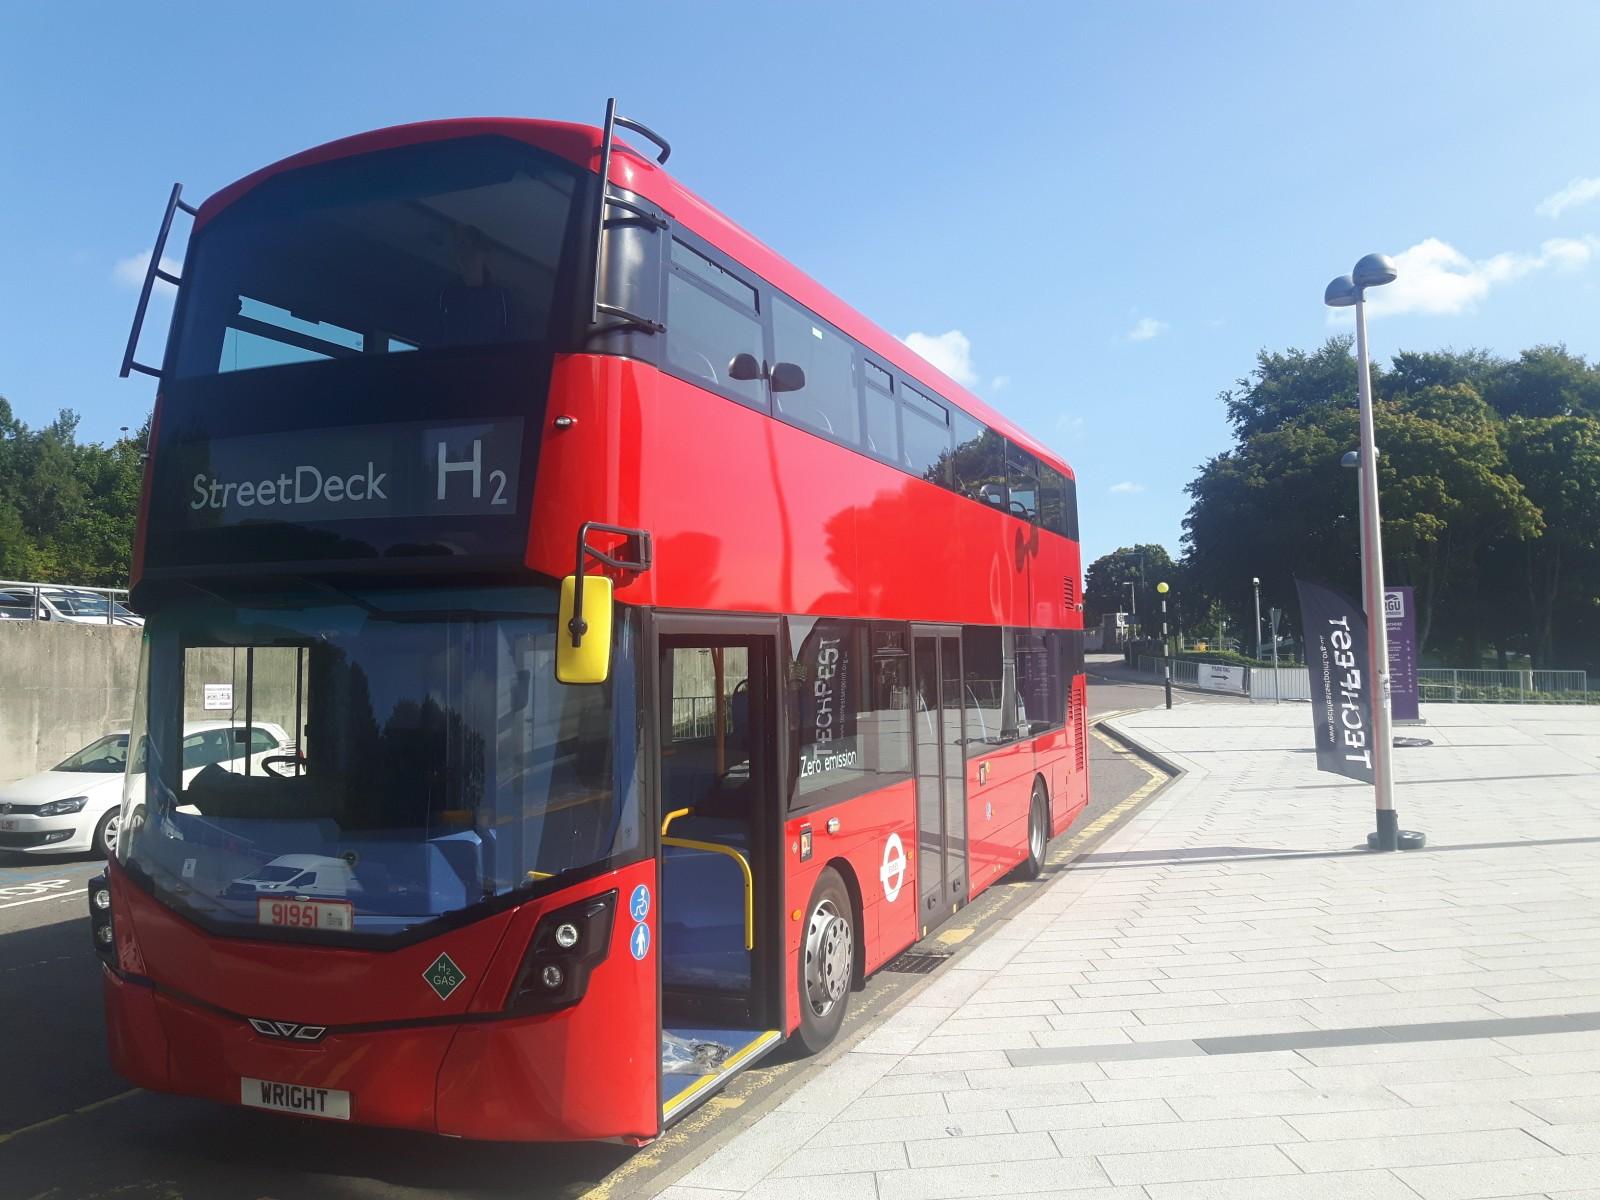 Aberdeen Double Decker Hydrogen Bus Addition